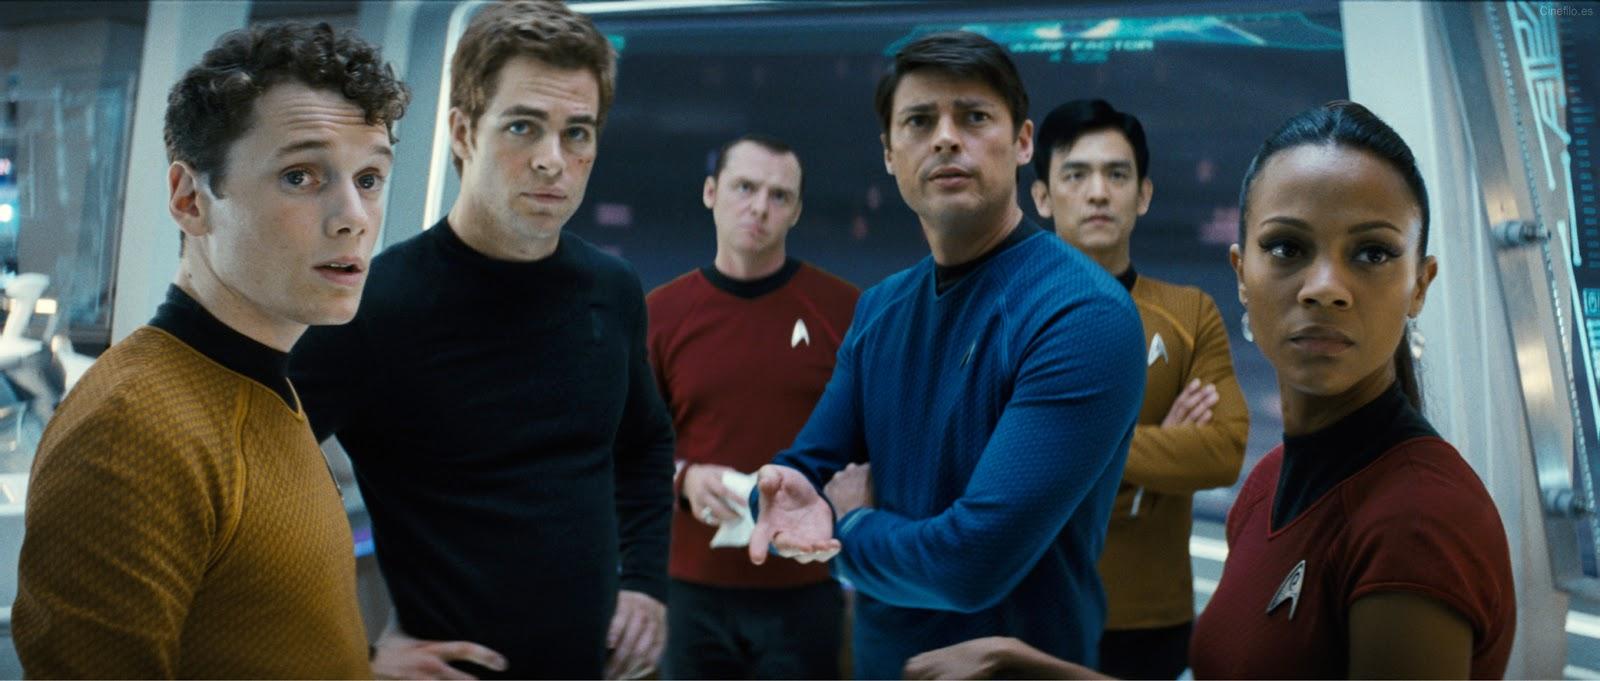 Star Trek ganhará novo filme em junho de 2023